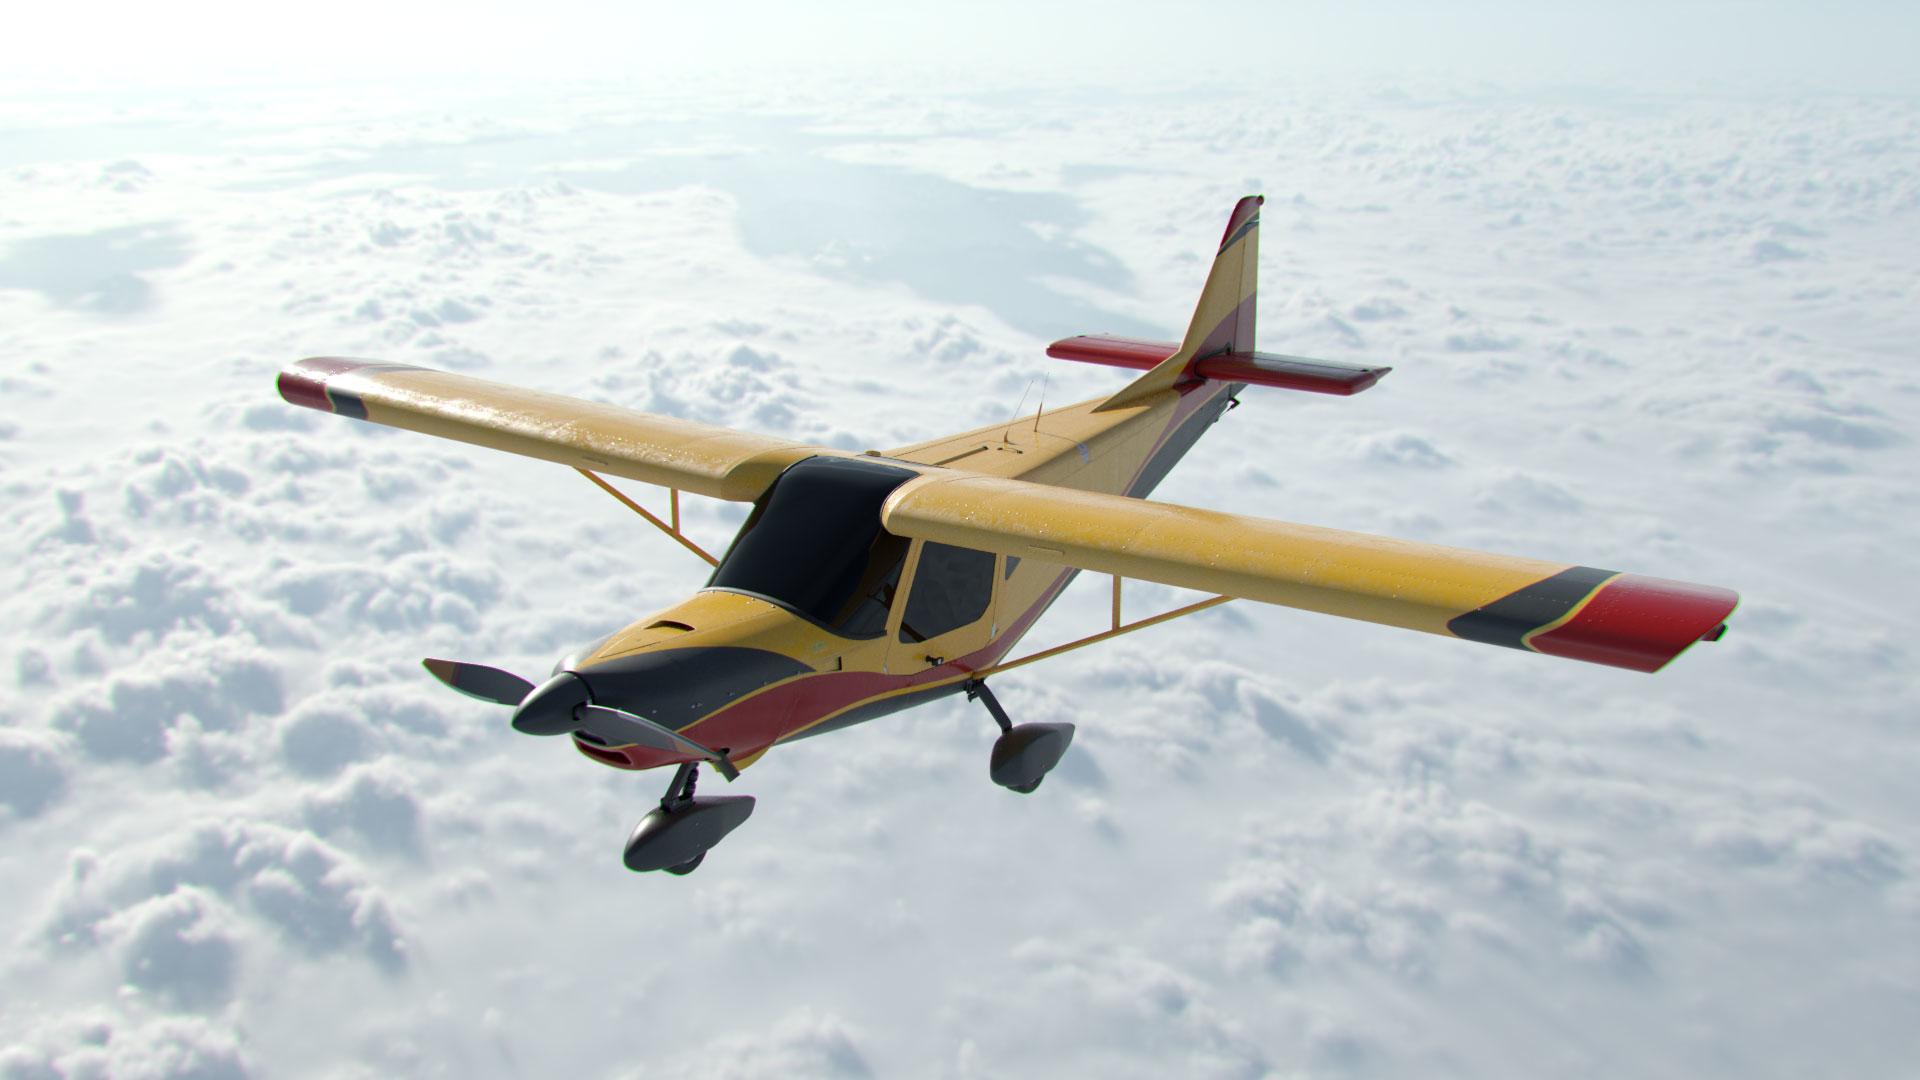 icp ventura rigged aircraft model